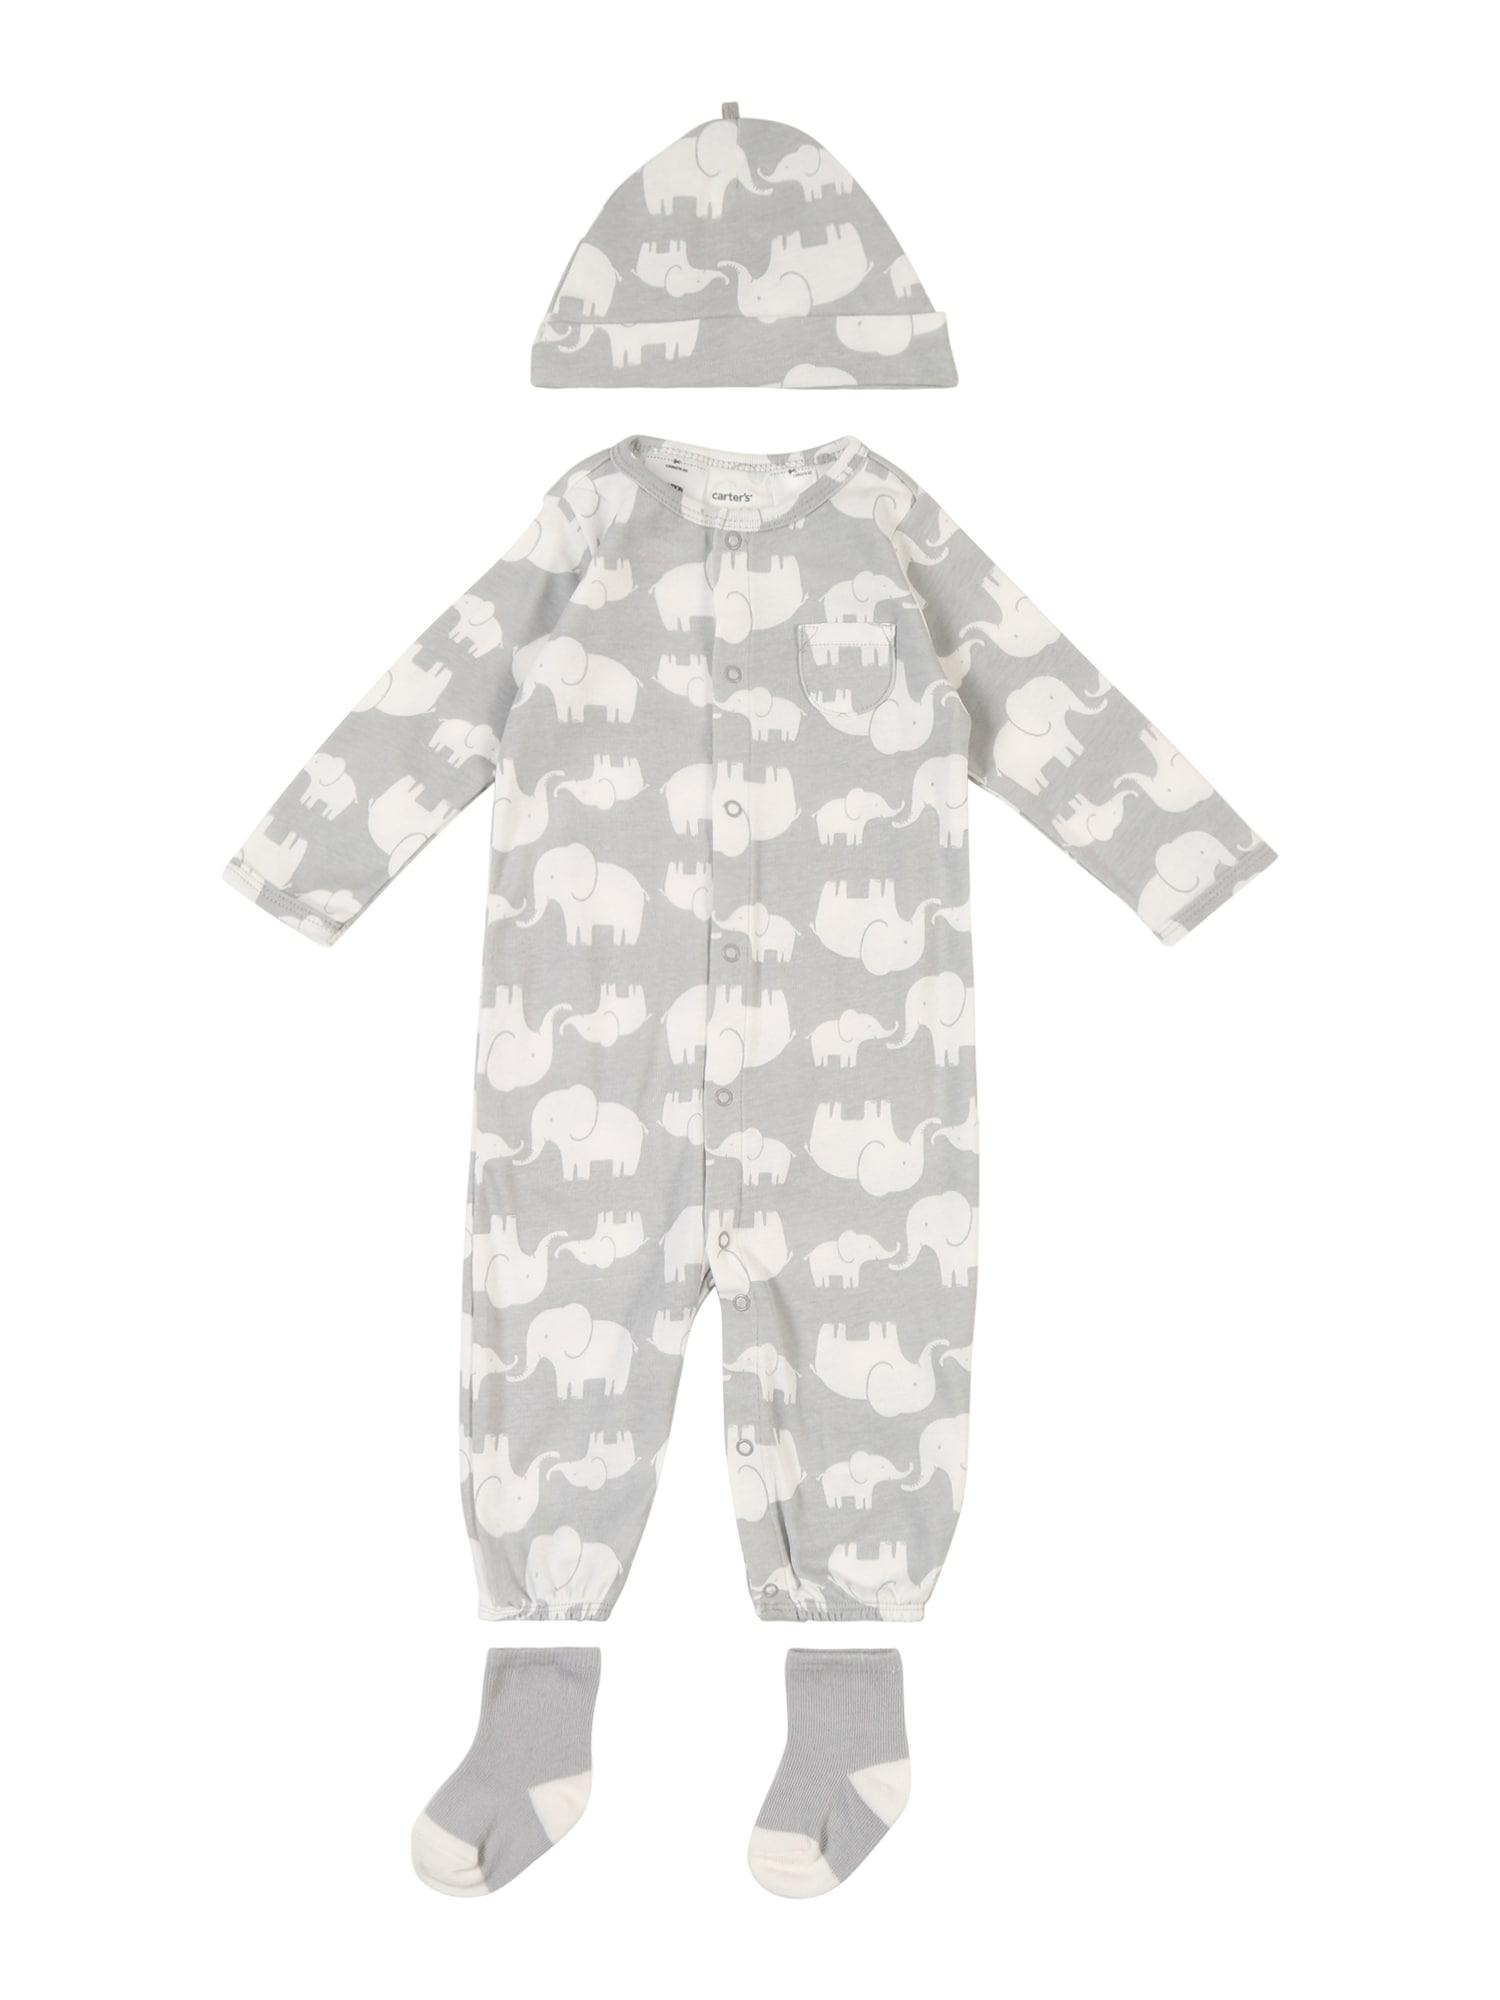 Carters Prádlo-souprava Elephant šedá bílá Carter's